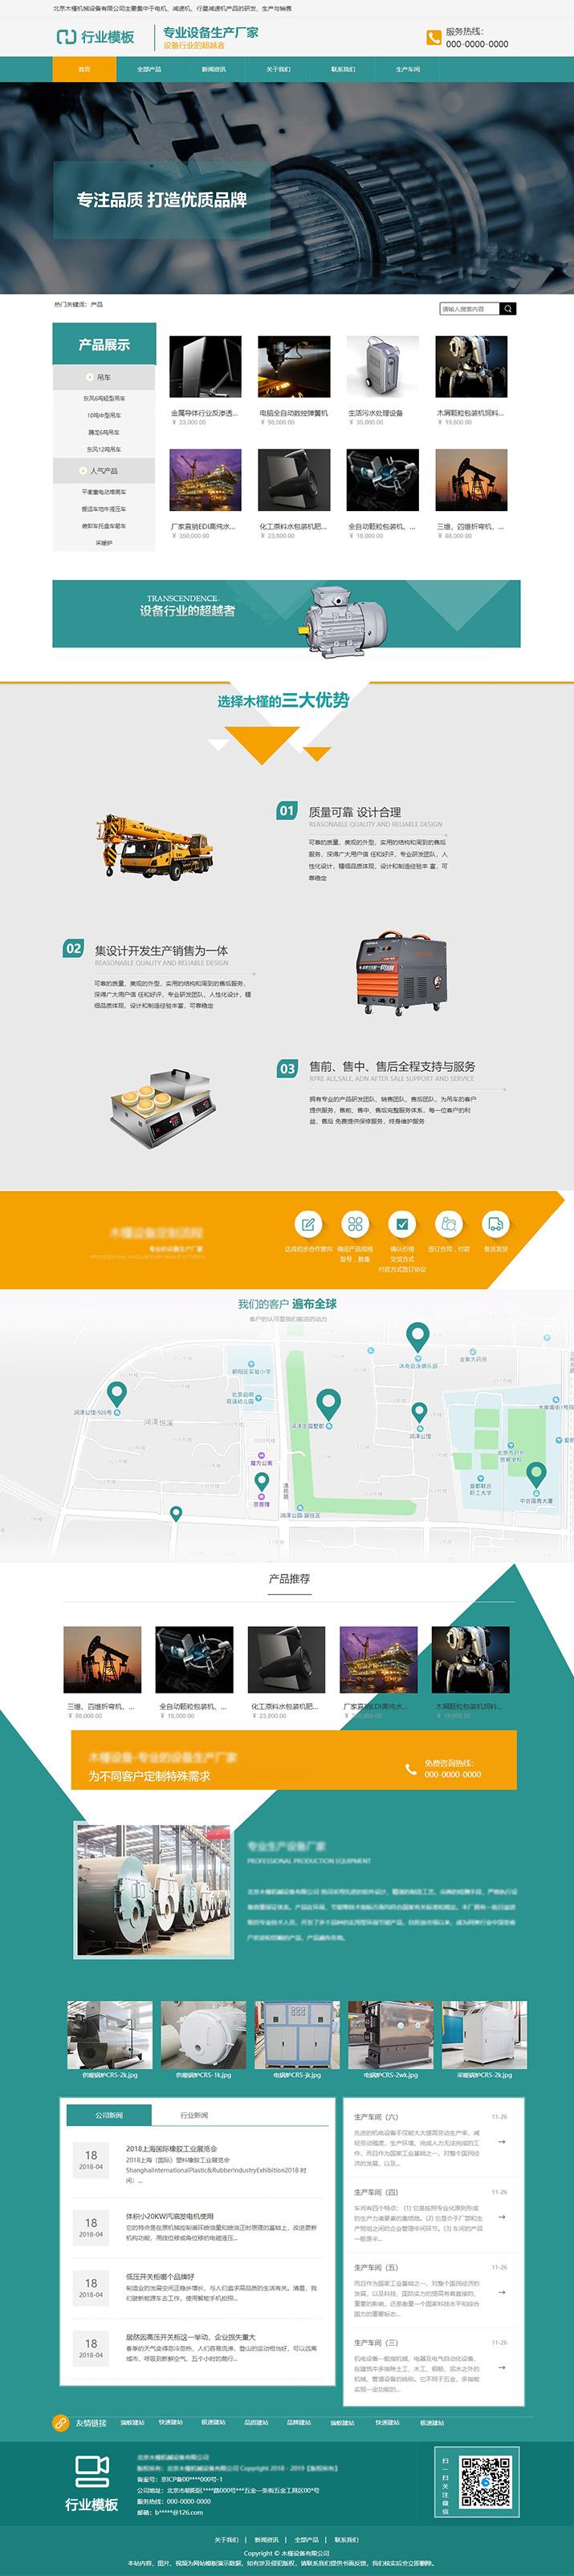 机械设备企业网站模板